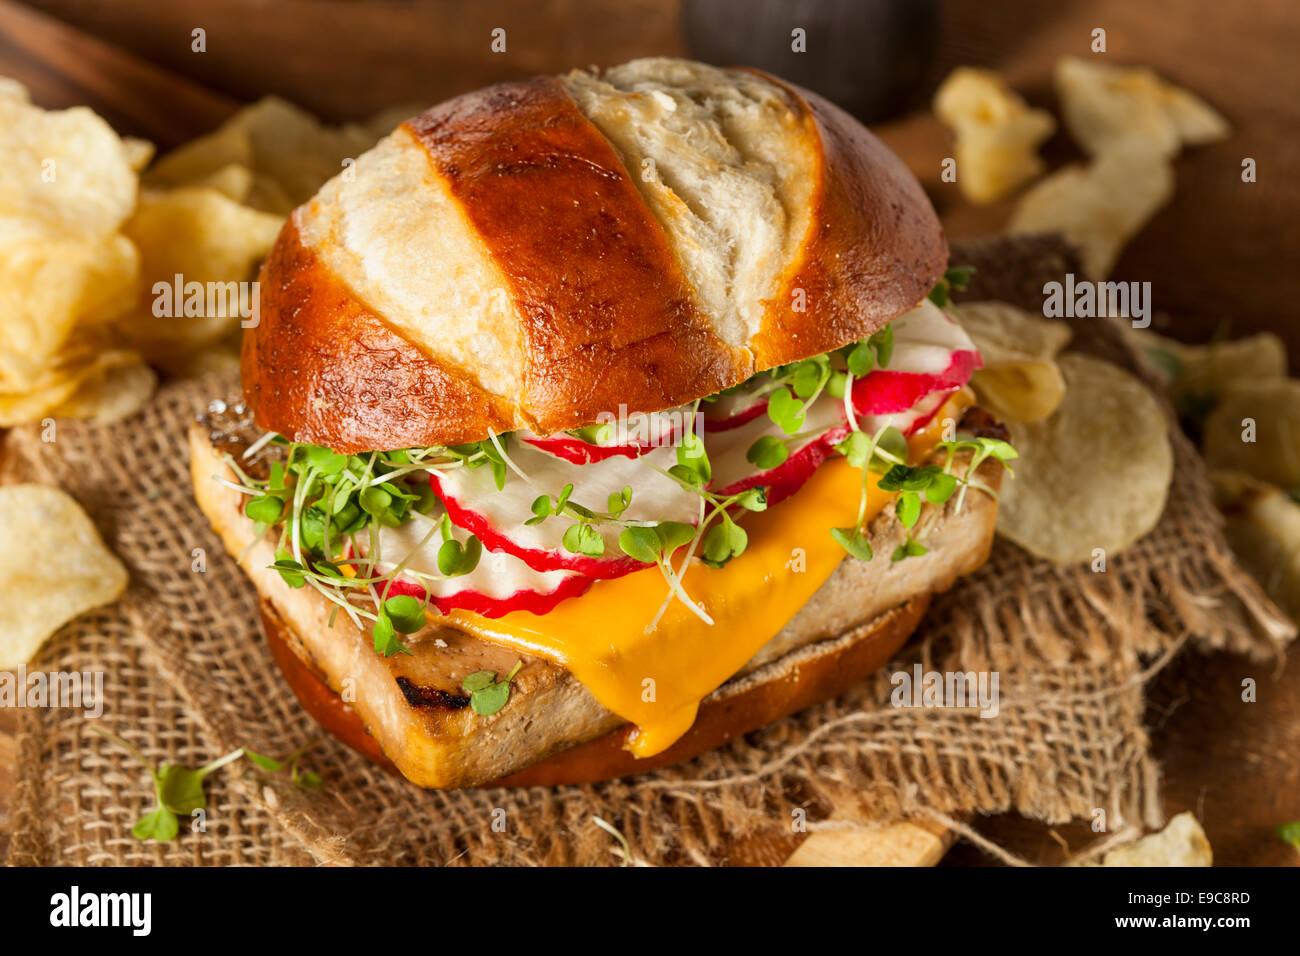 Burger au tofu Soy végétarien fait maison avec des frites Photo Stock